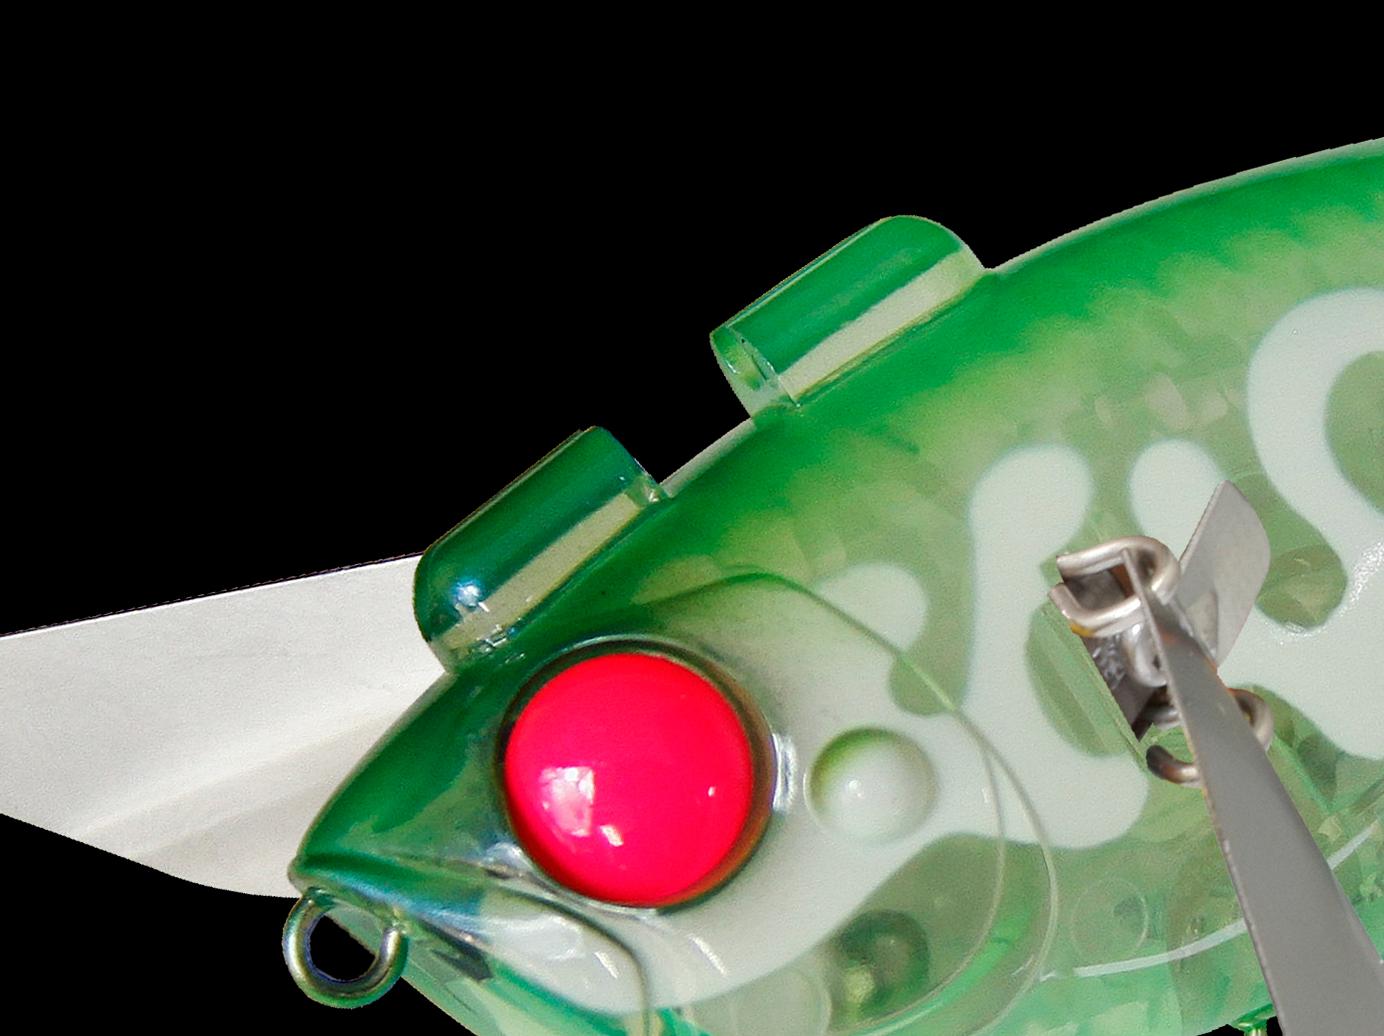 発光チューブキーパー(発光チューブは付属しておりません)